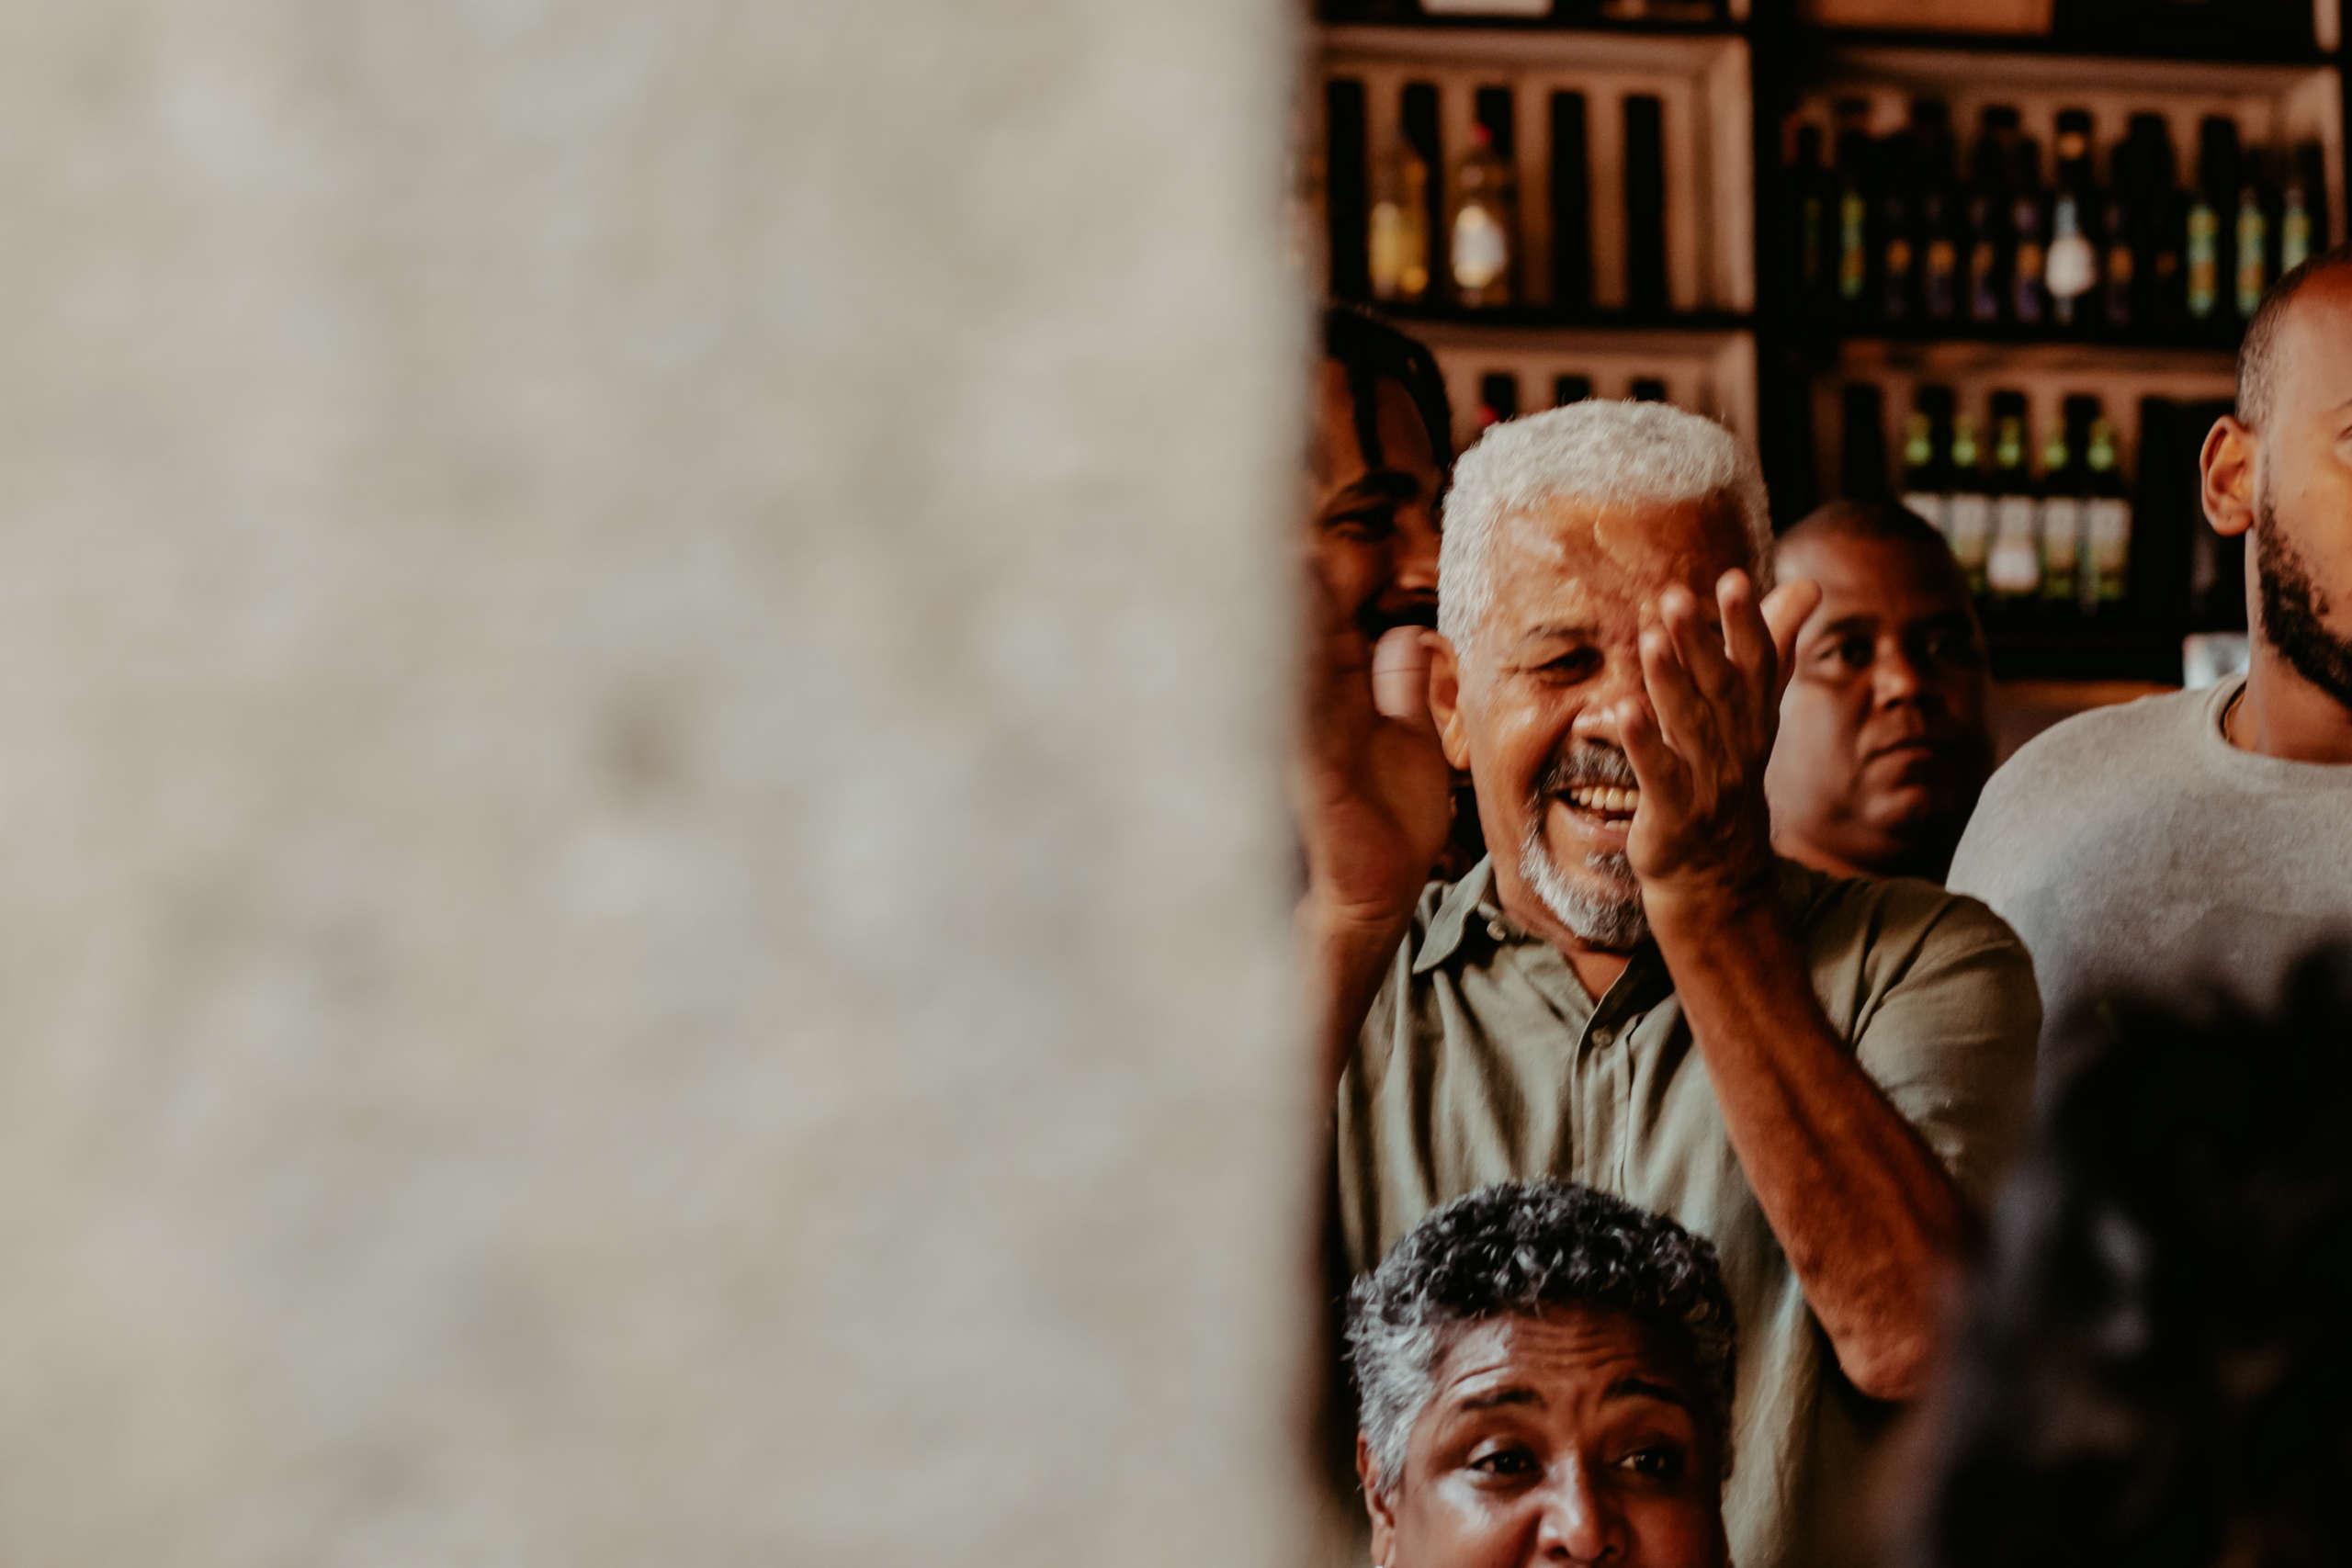 Ein alte Mann der fröhlich lacht.